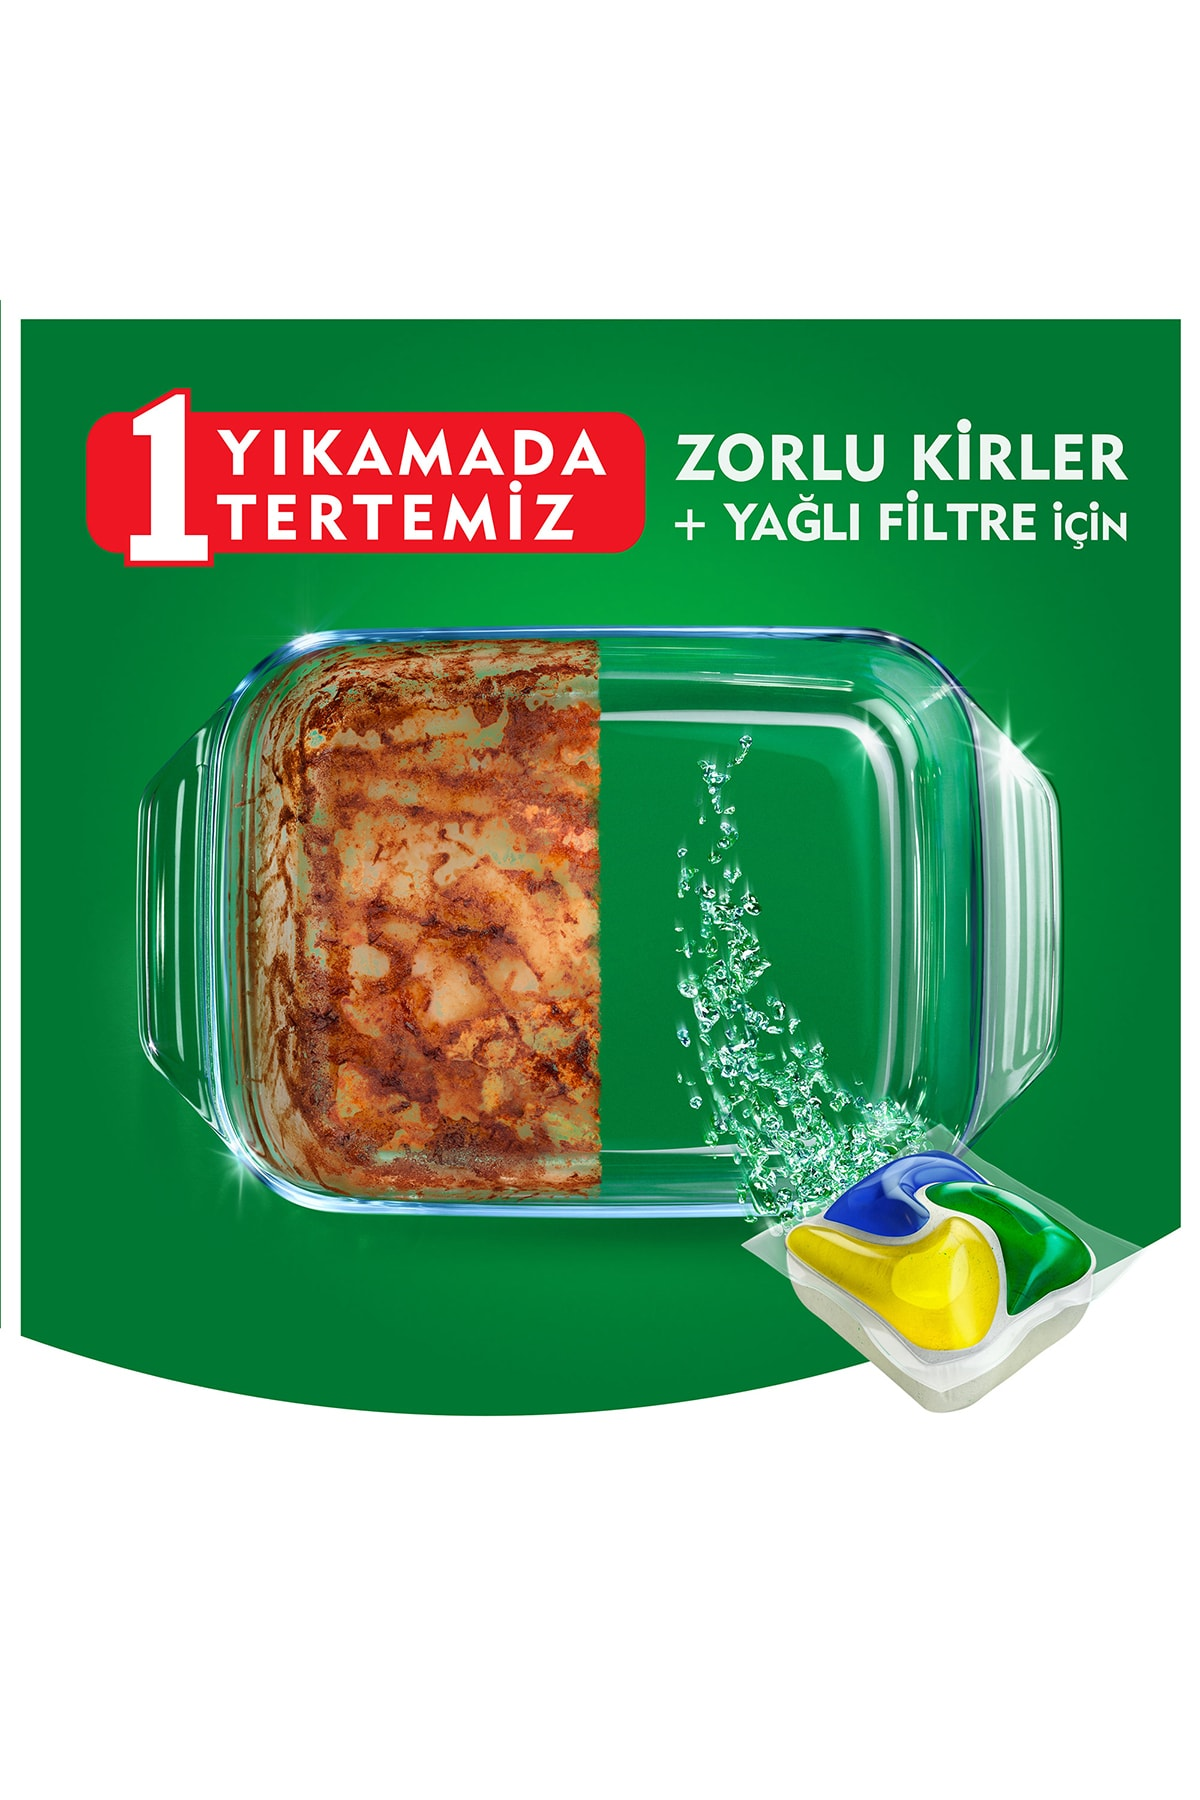 Fairy Platınum 115 Yıkama Bulaşık Makinesi Kapsul Limon Kokulu (beslenme Kutusu Hediye) 2